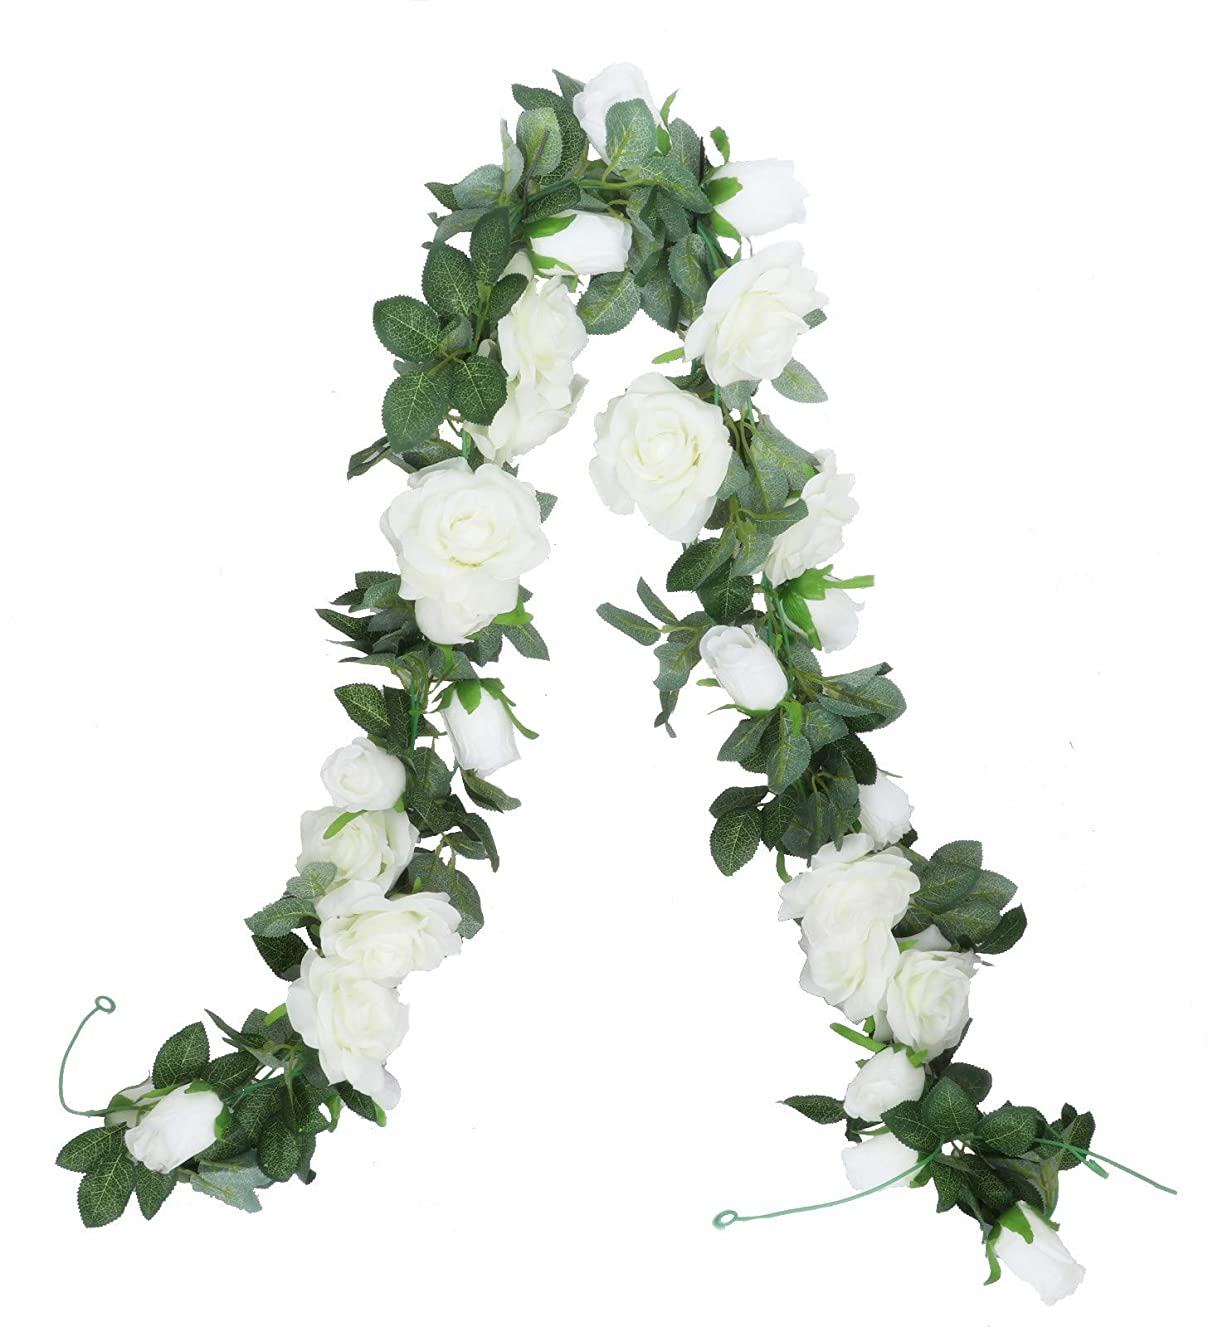 フェデレーションええ開発Anlise 6.6フィート 造花 バラのつる フェイクシルクガーランド 吊り下げ バラのアイビー植物 ホテル ウェディング ホームパーティー ガーデン クラフト アートデコ 2個パック ホワイト